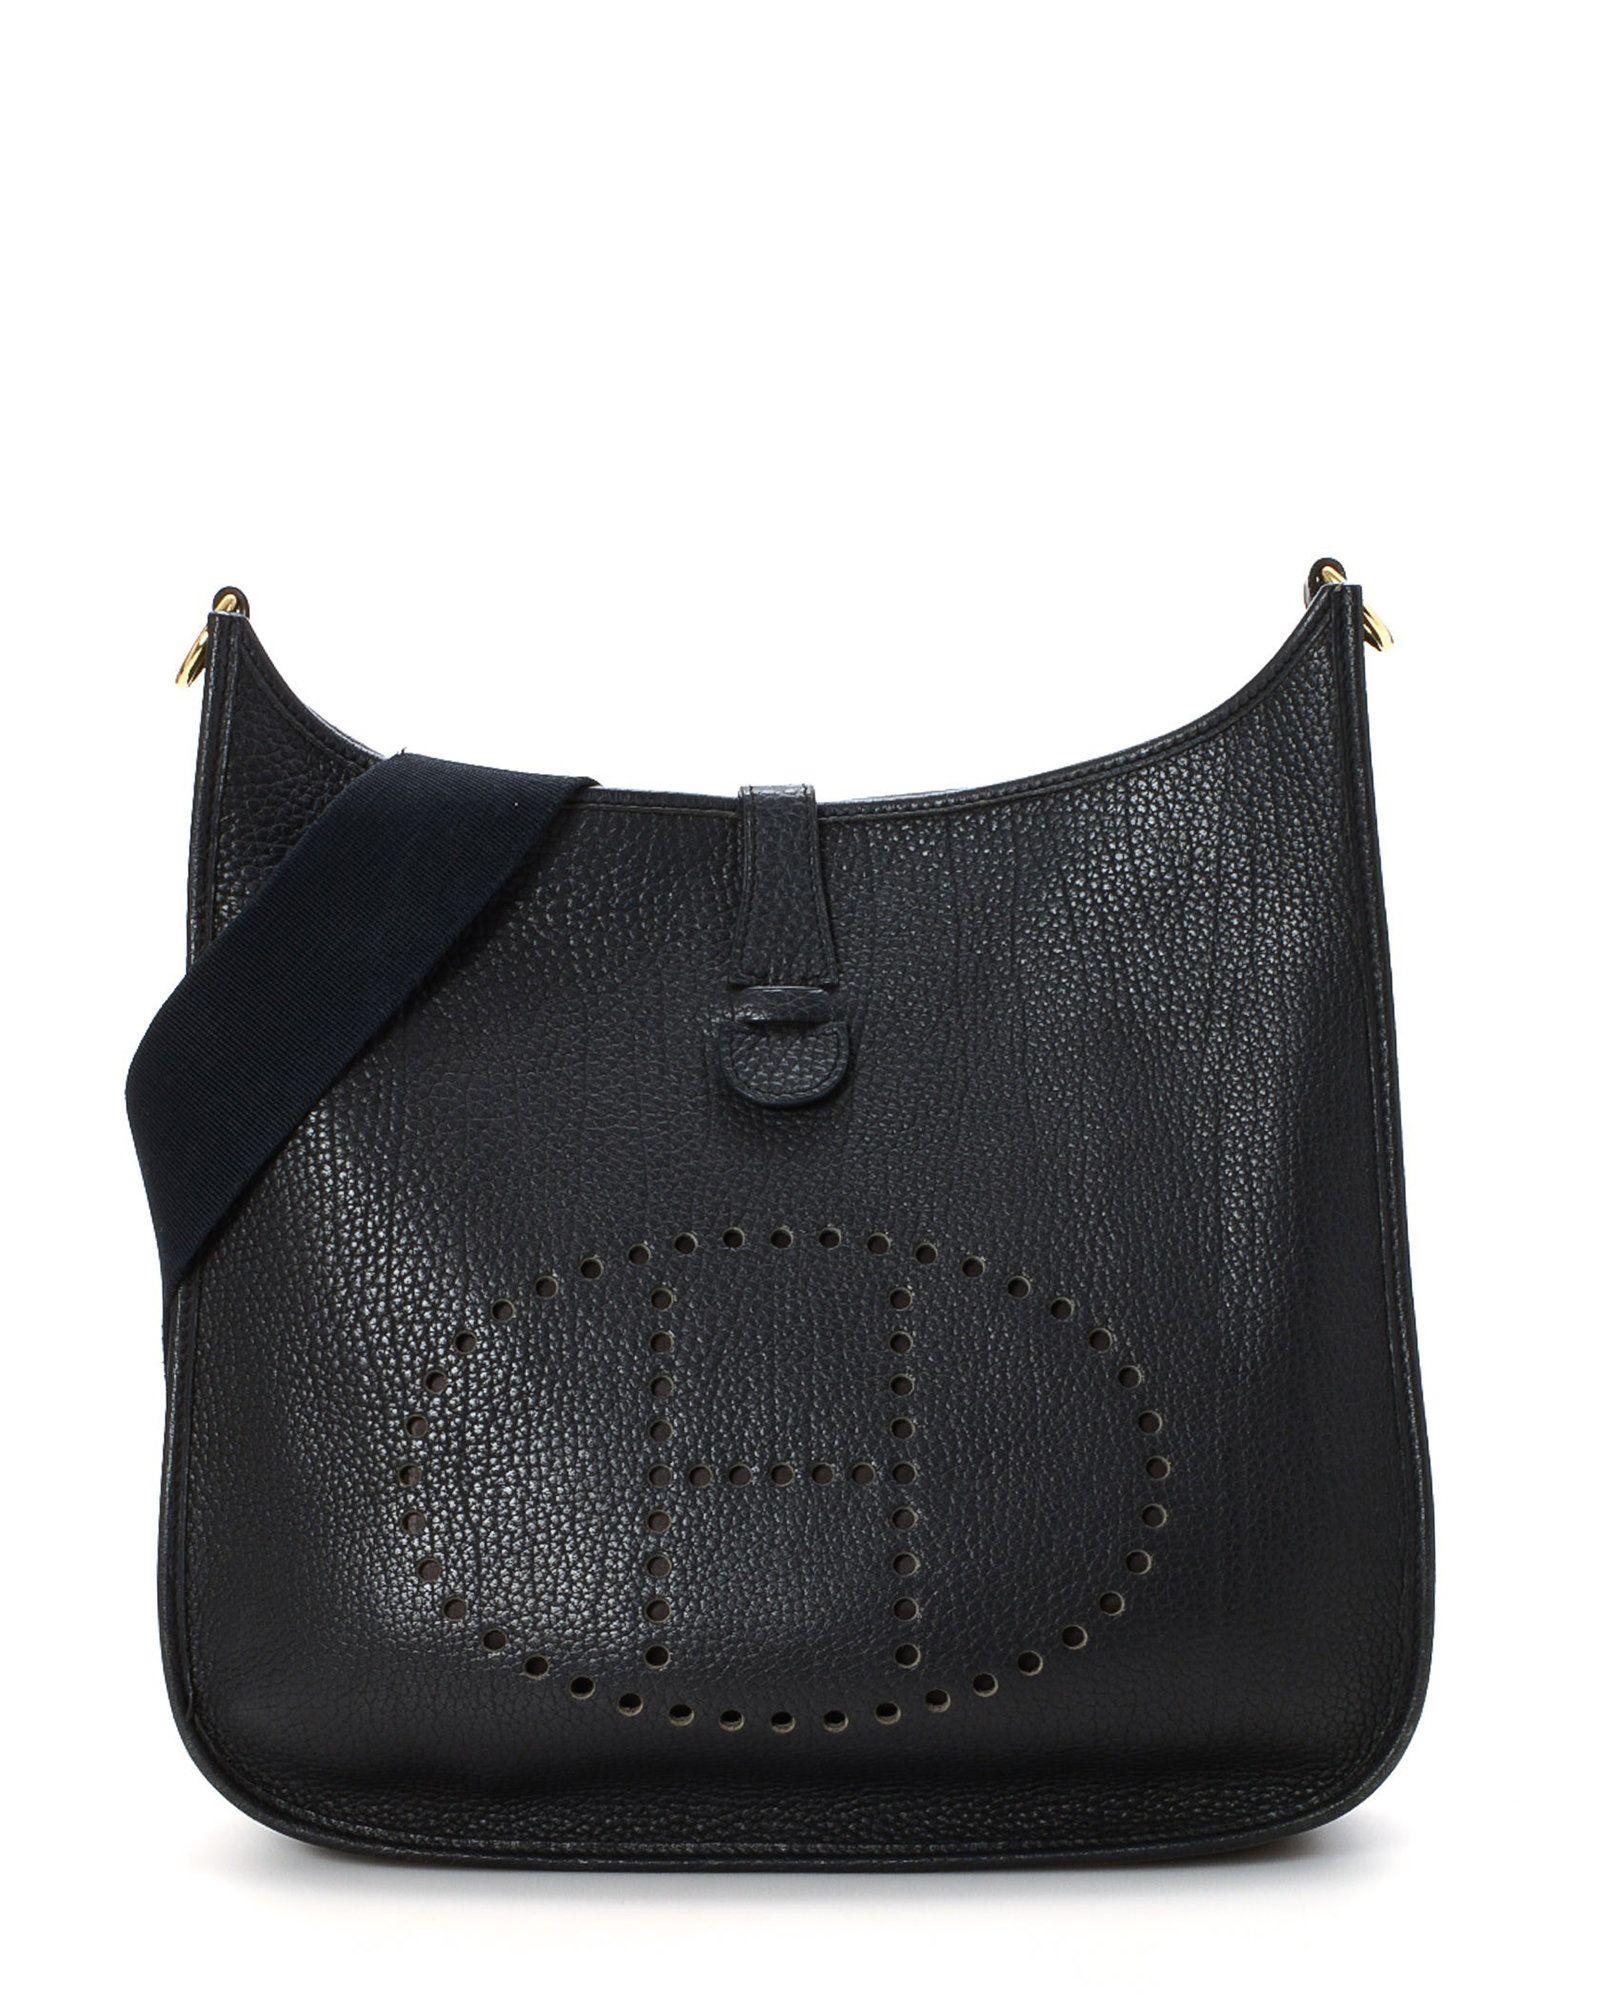 188d9bdd8a65 ... gold brown togo leather crossbody shoulder bag 5509d 0453a best price hermÈs  evelyne iii 33 shoulder bag vintage 3a4ca 05491 ...